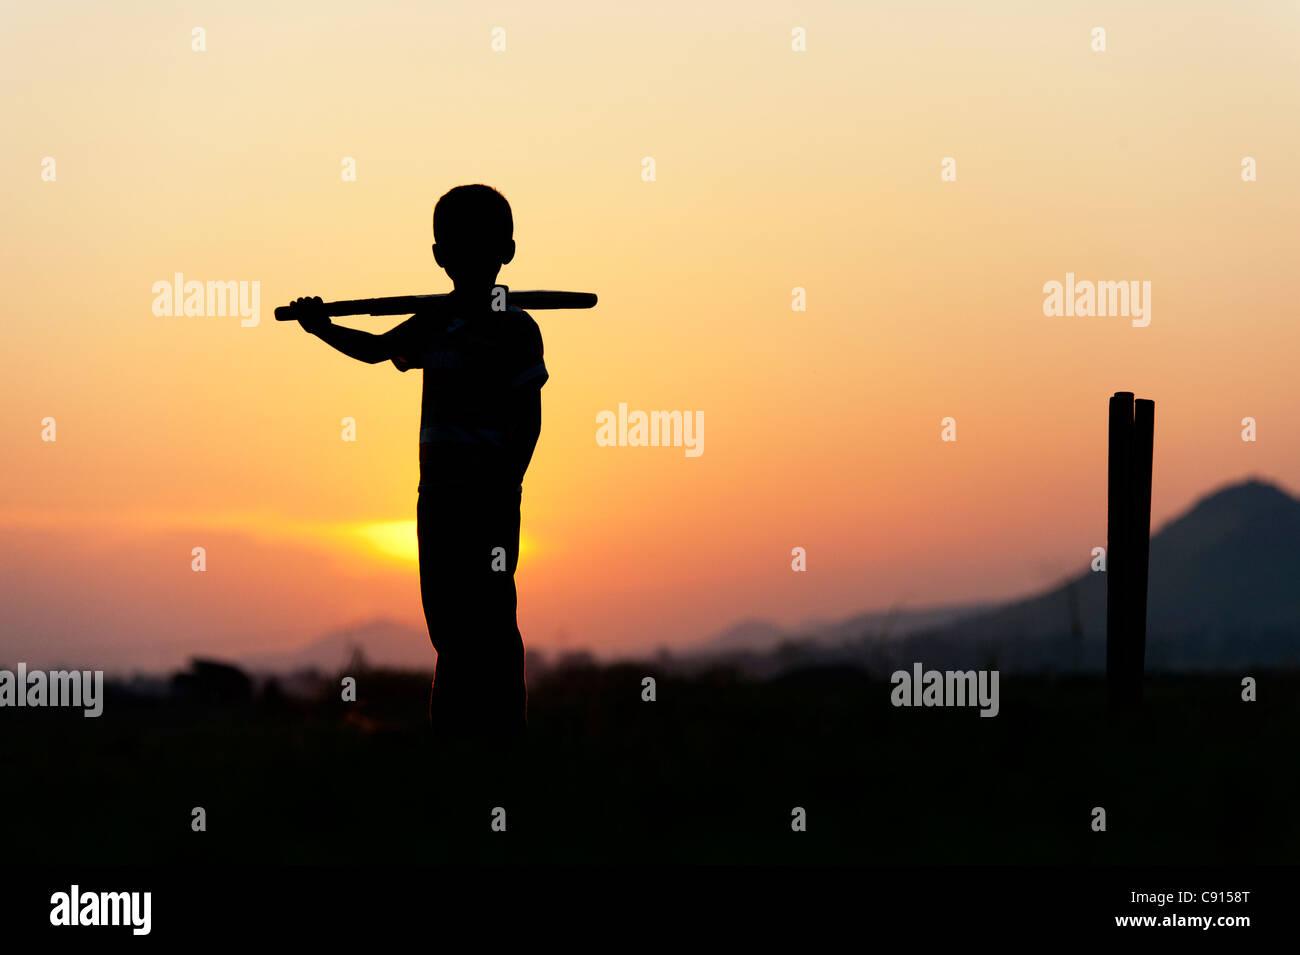 Silhouette di un giovane ragazzo indiano a giocare a cricket contro un sfondo al tramonto Foto Stock